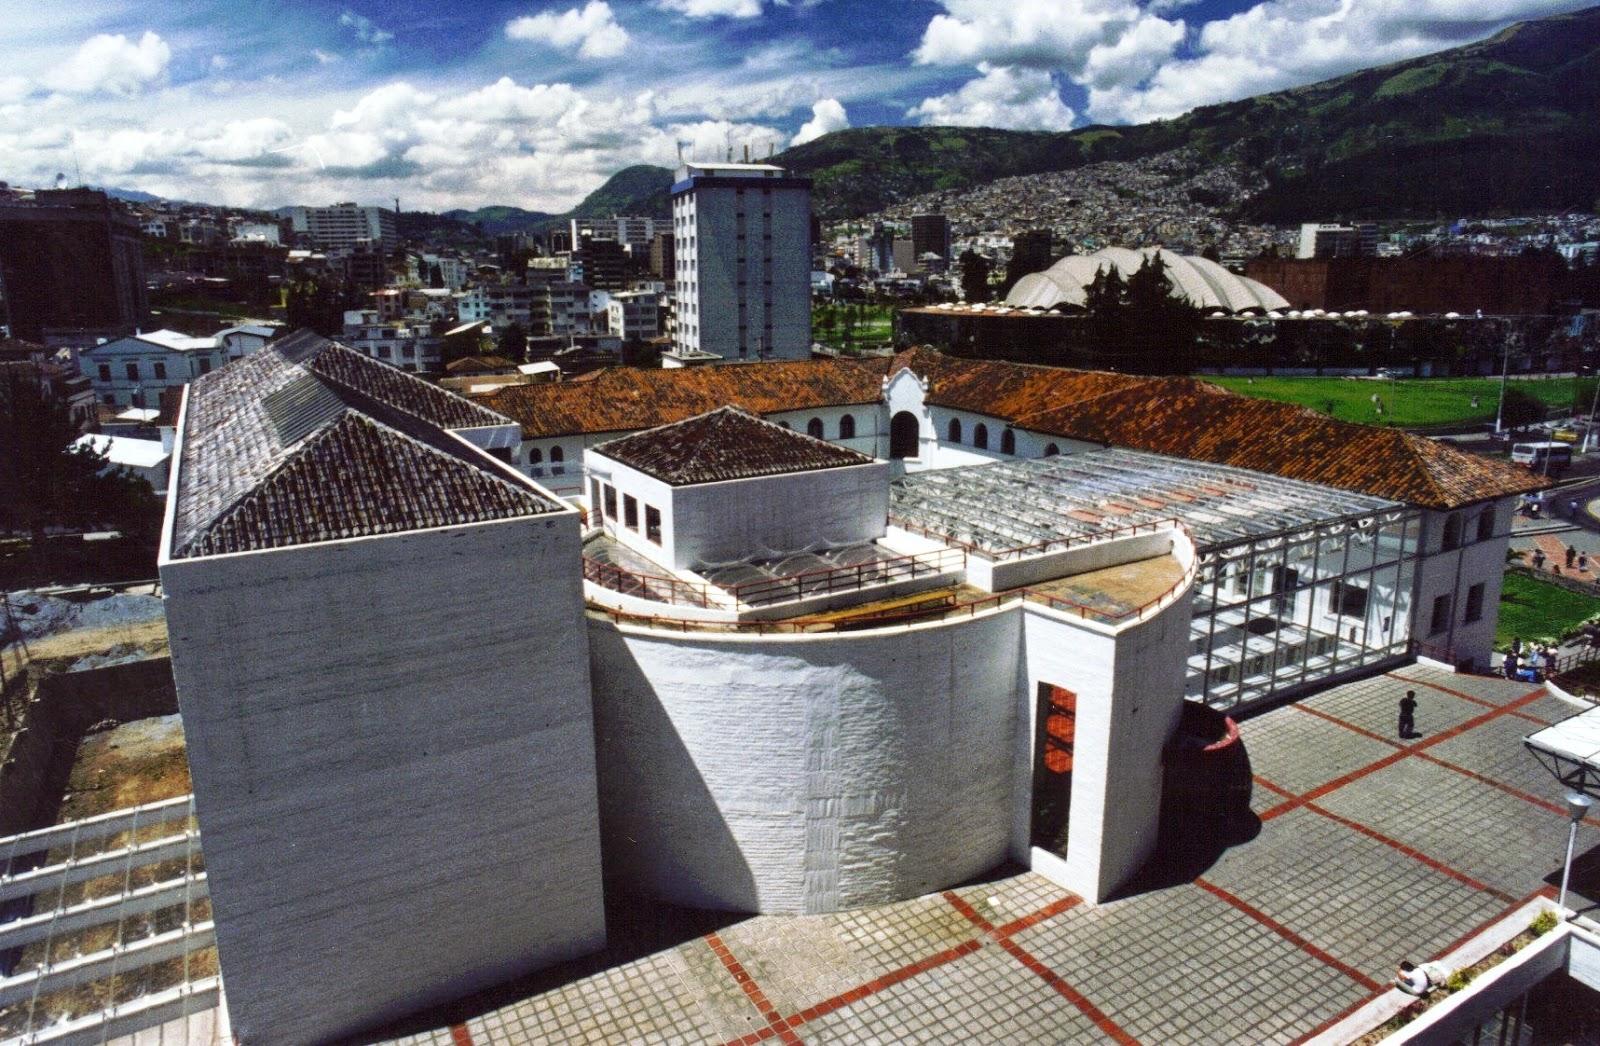 Mario v sconez ecuador 65 el taller de dise o for Decano dela facultad de arquitectura